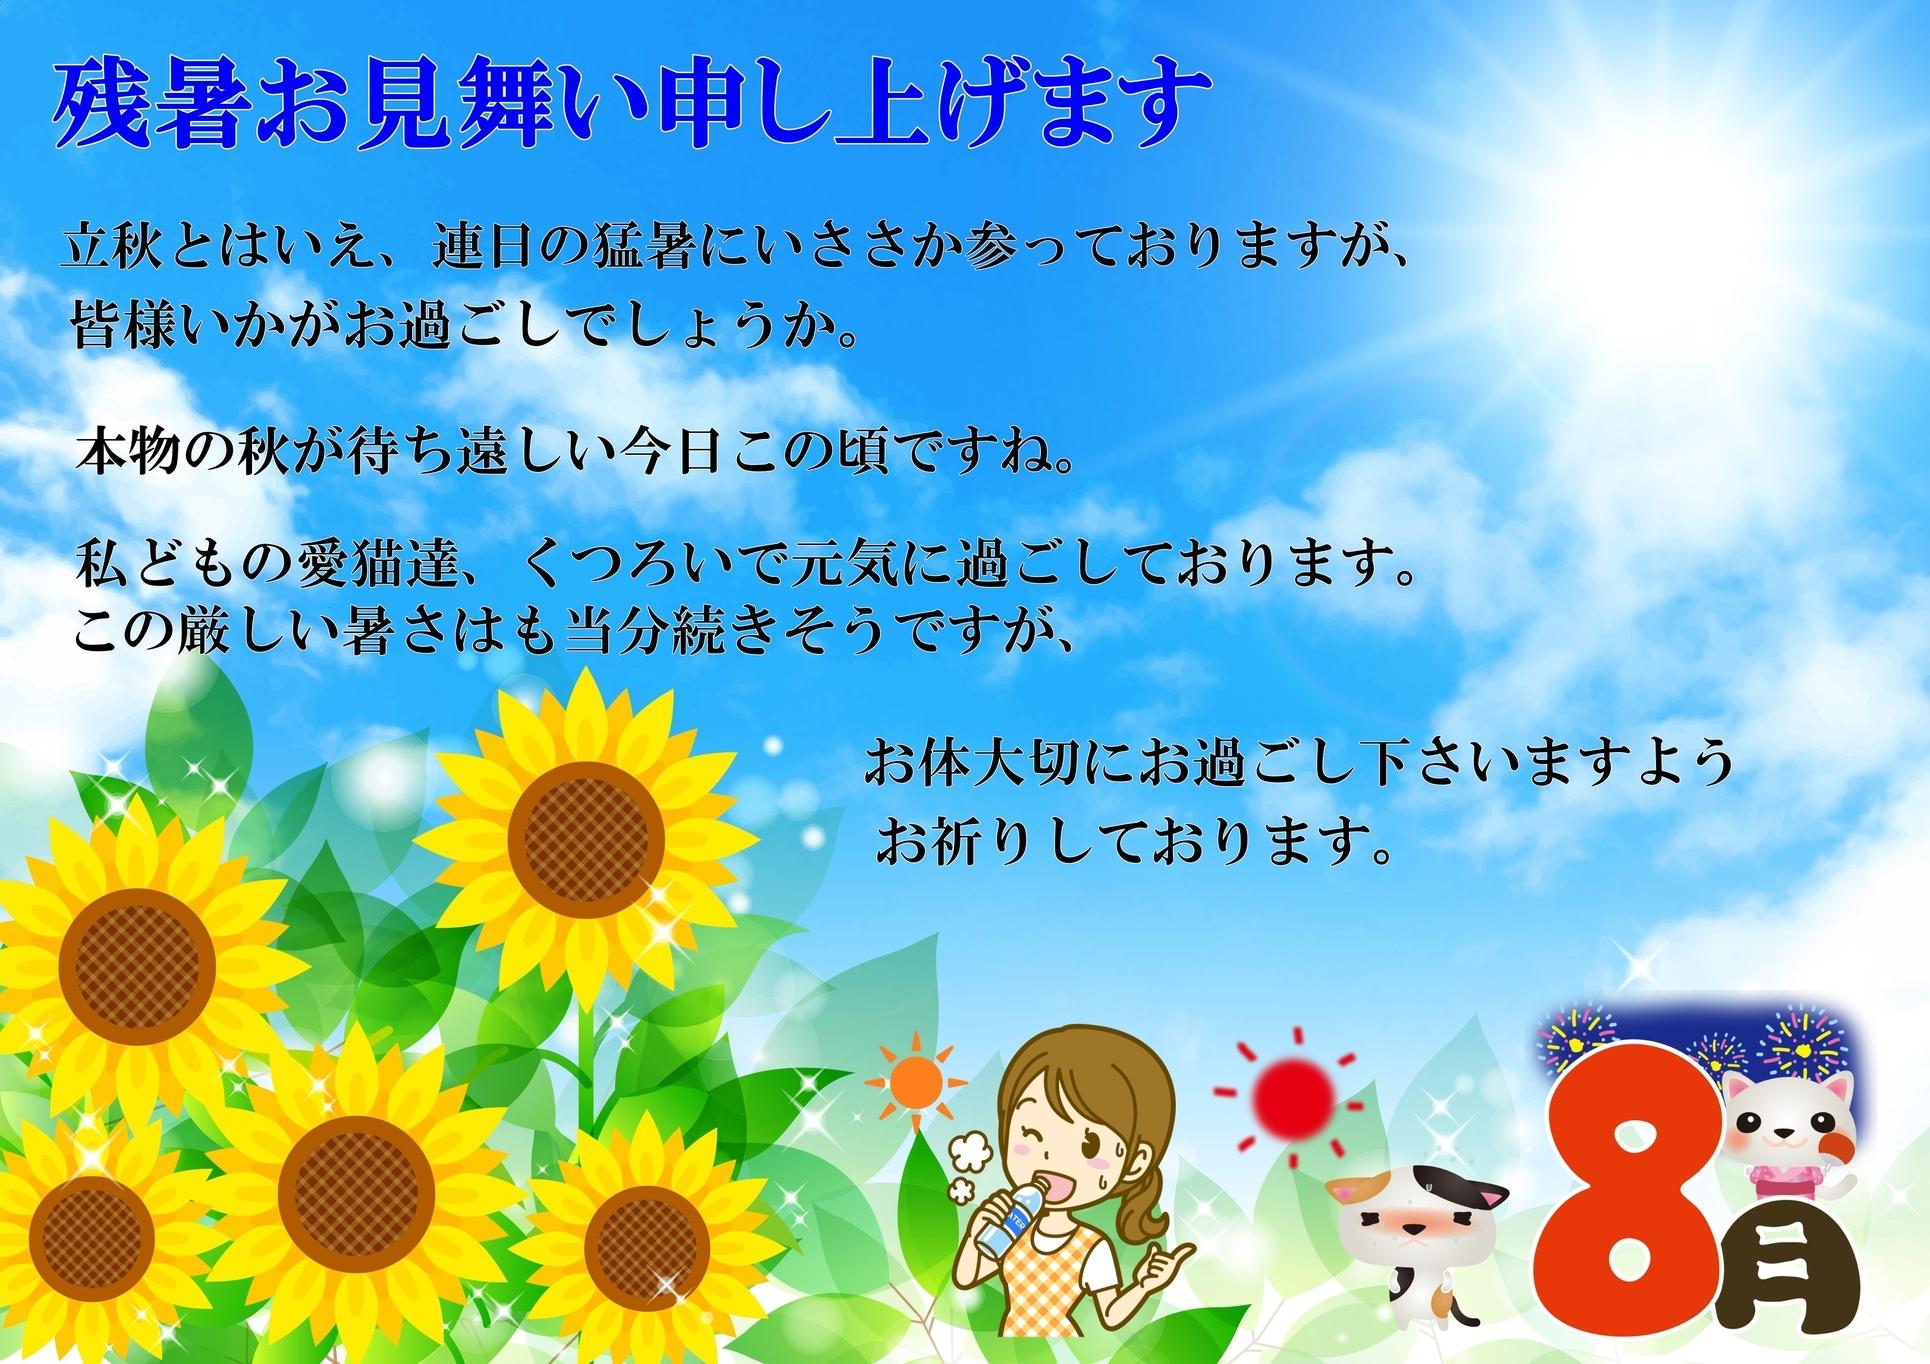 残暑お見舞いのイラスト加工分.jpg